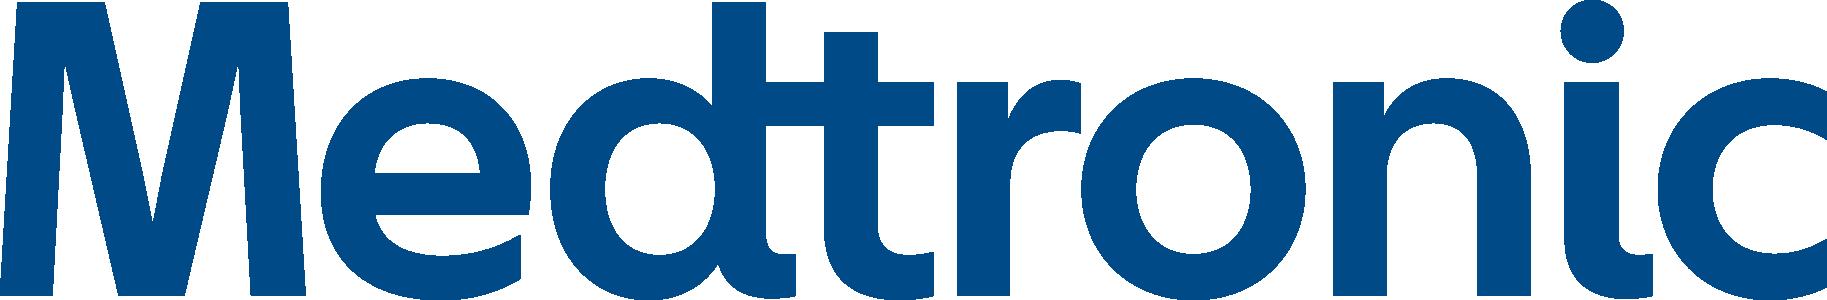 medtronic-logo-new